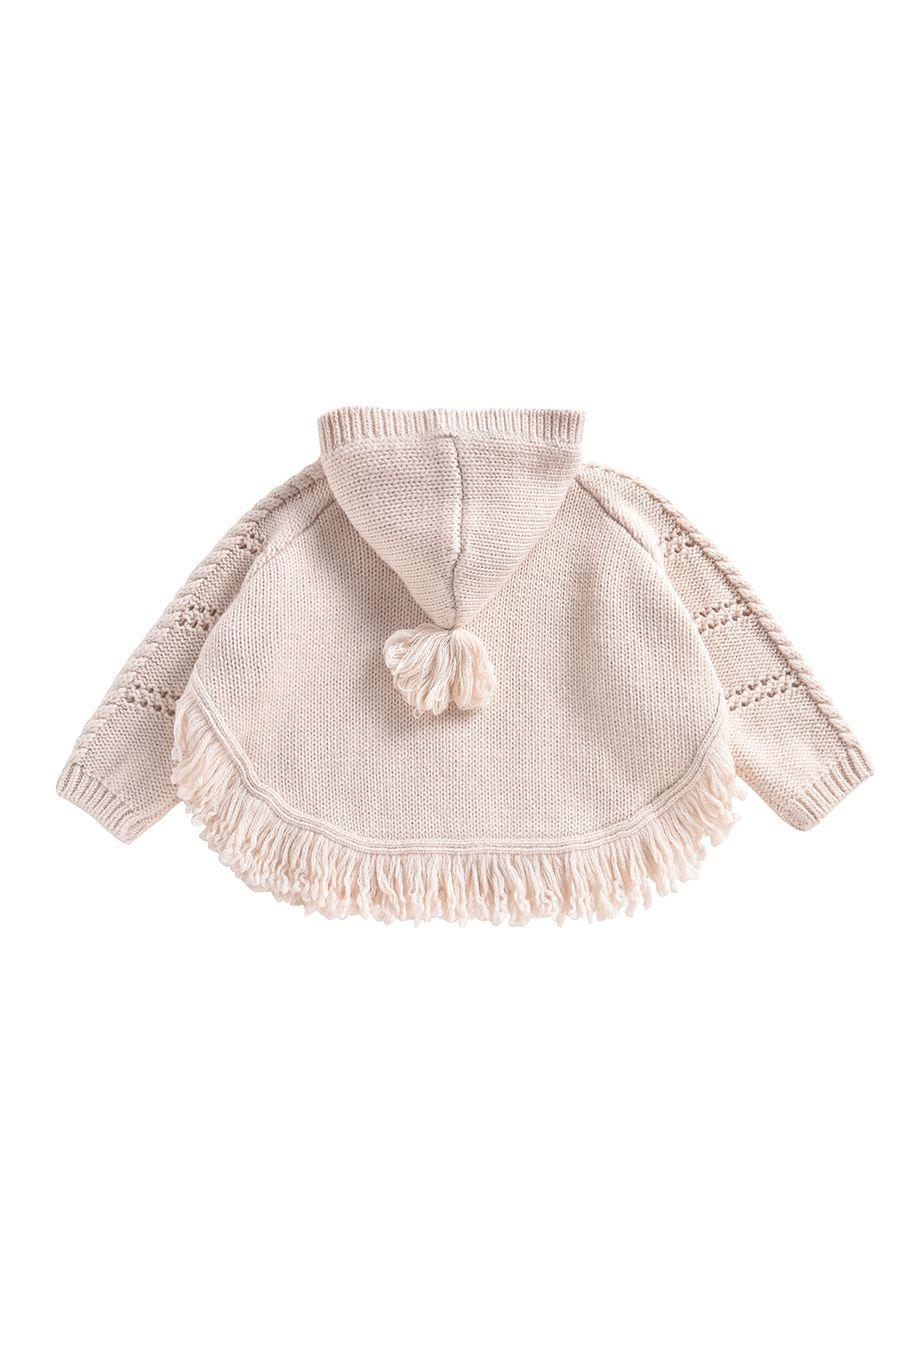 boheme chic vintage cape bébé fille lili crème